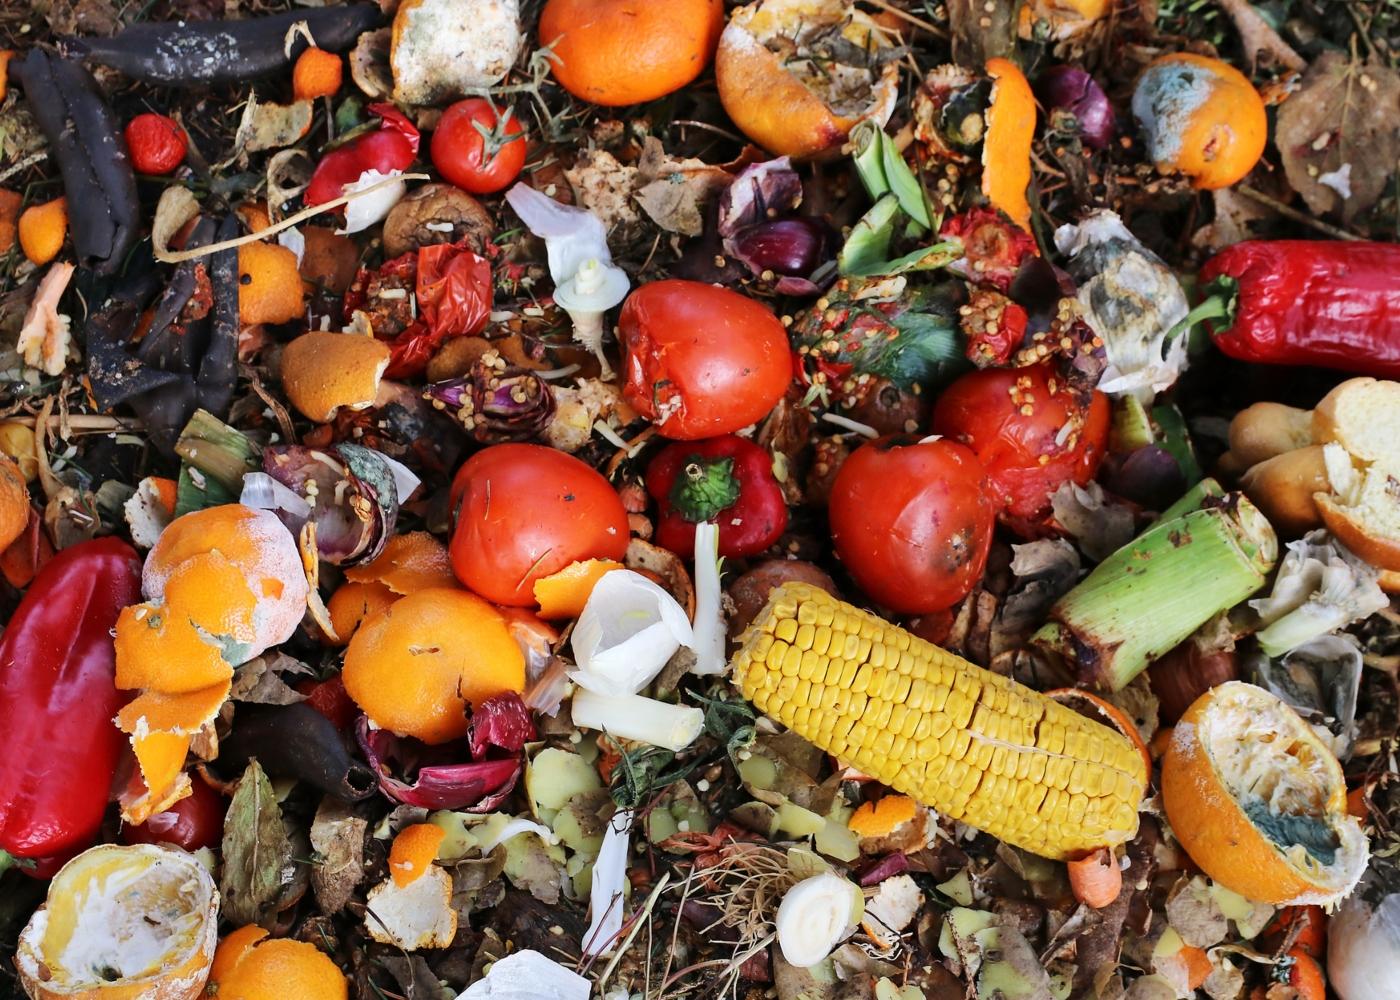 Variedade de alimentos no lixo